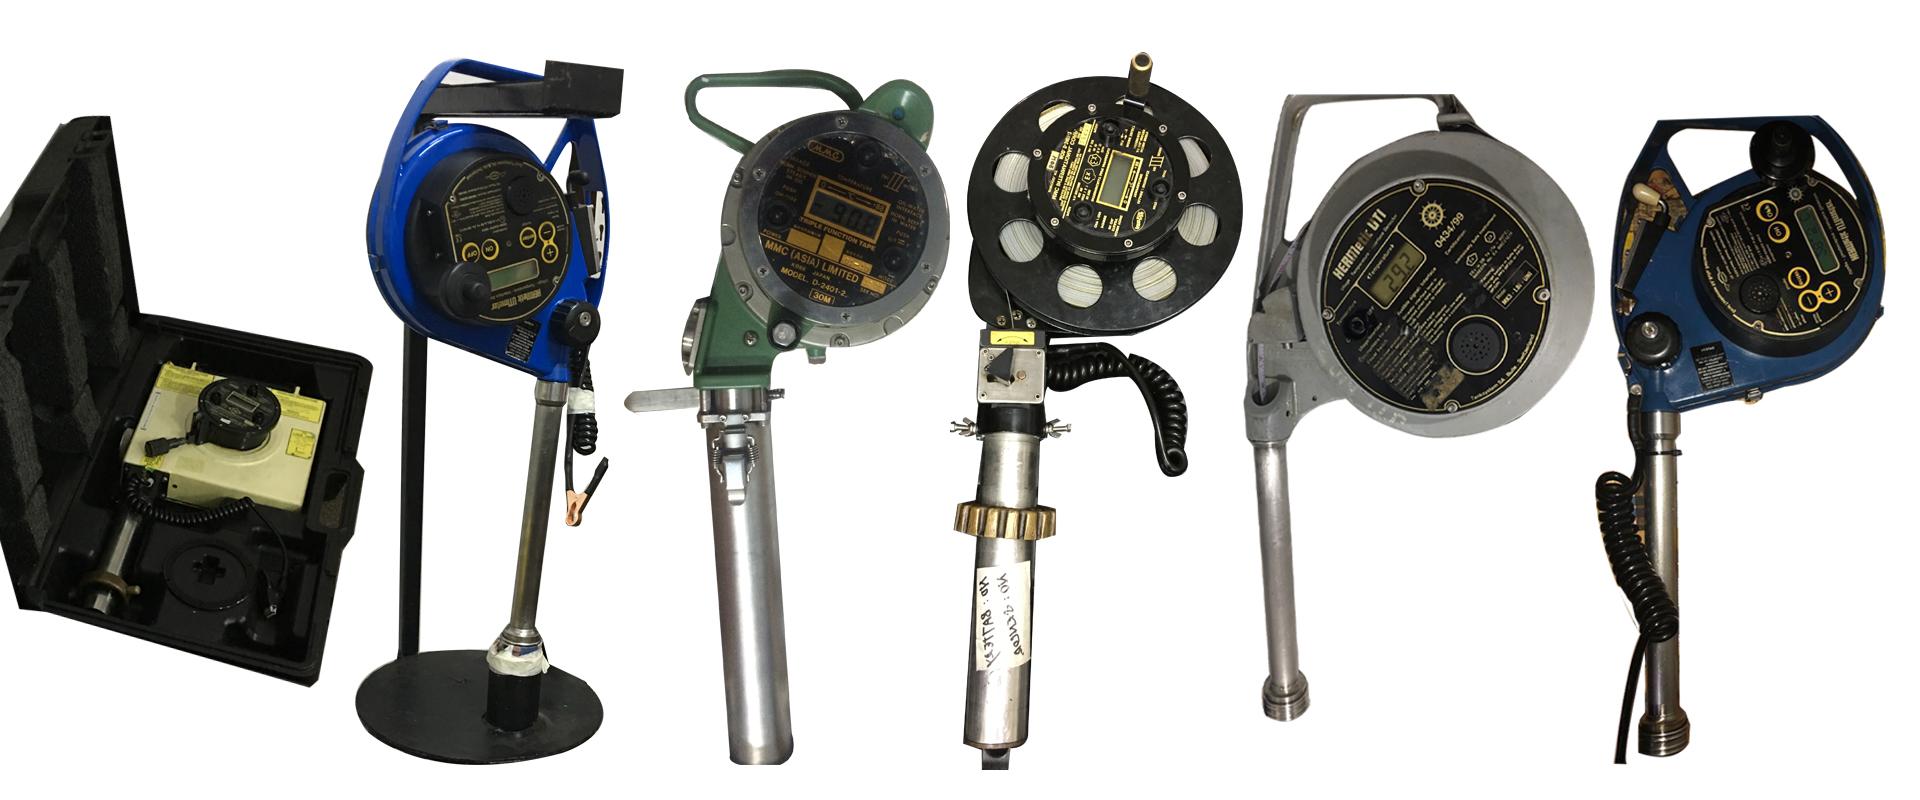 UTI equipment